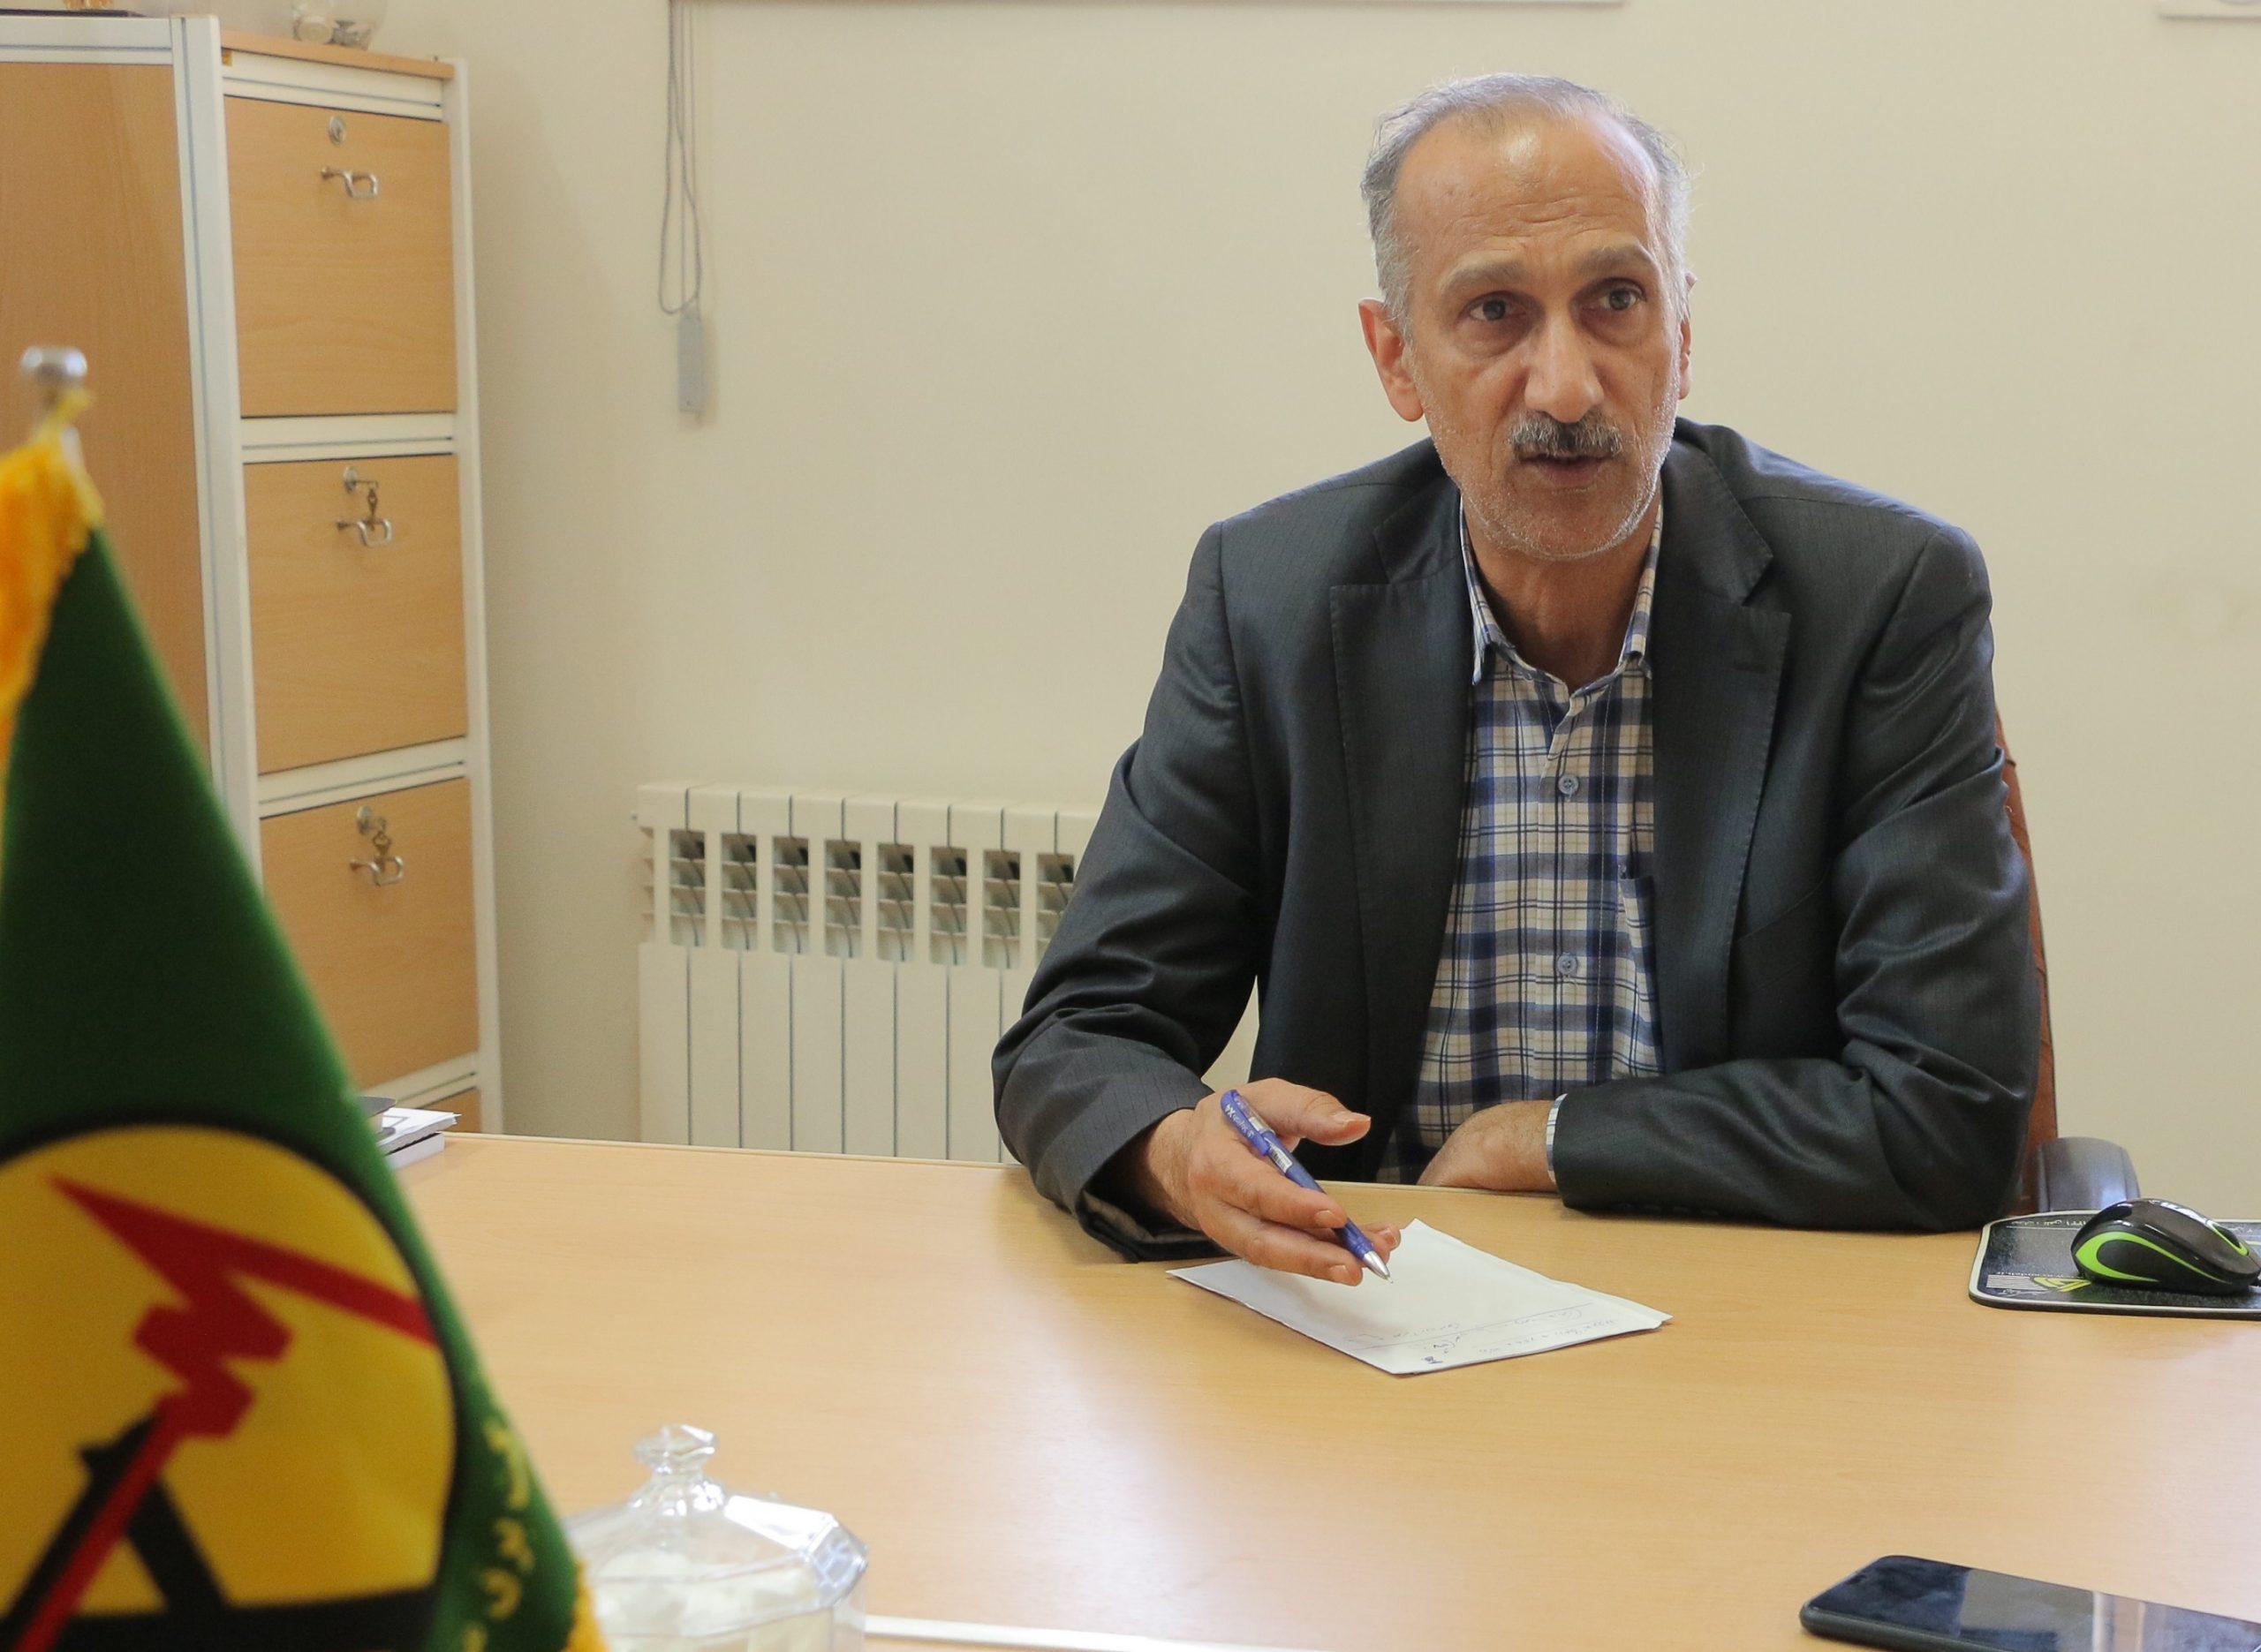 کسب رتبه دوم کشوری برق منطقهای یزد در ارزیابی مدیریت شبکه برق ایران